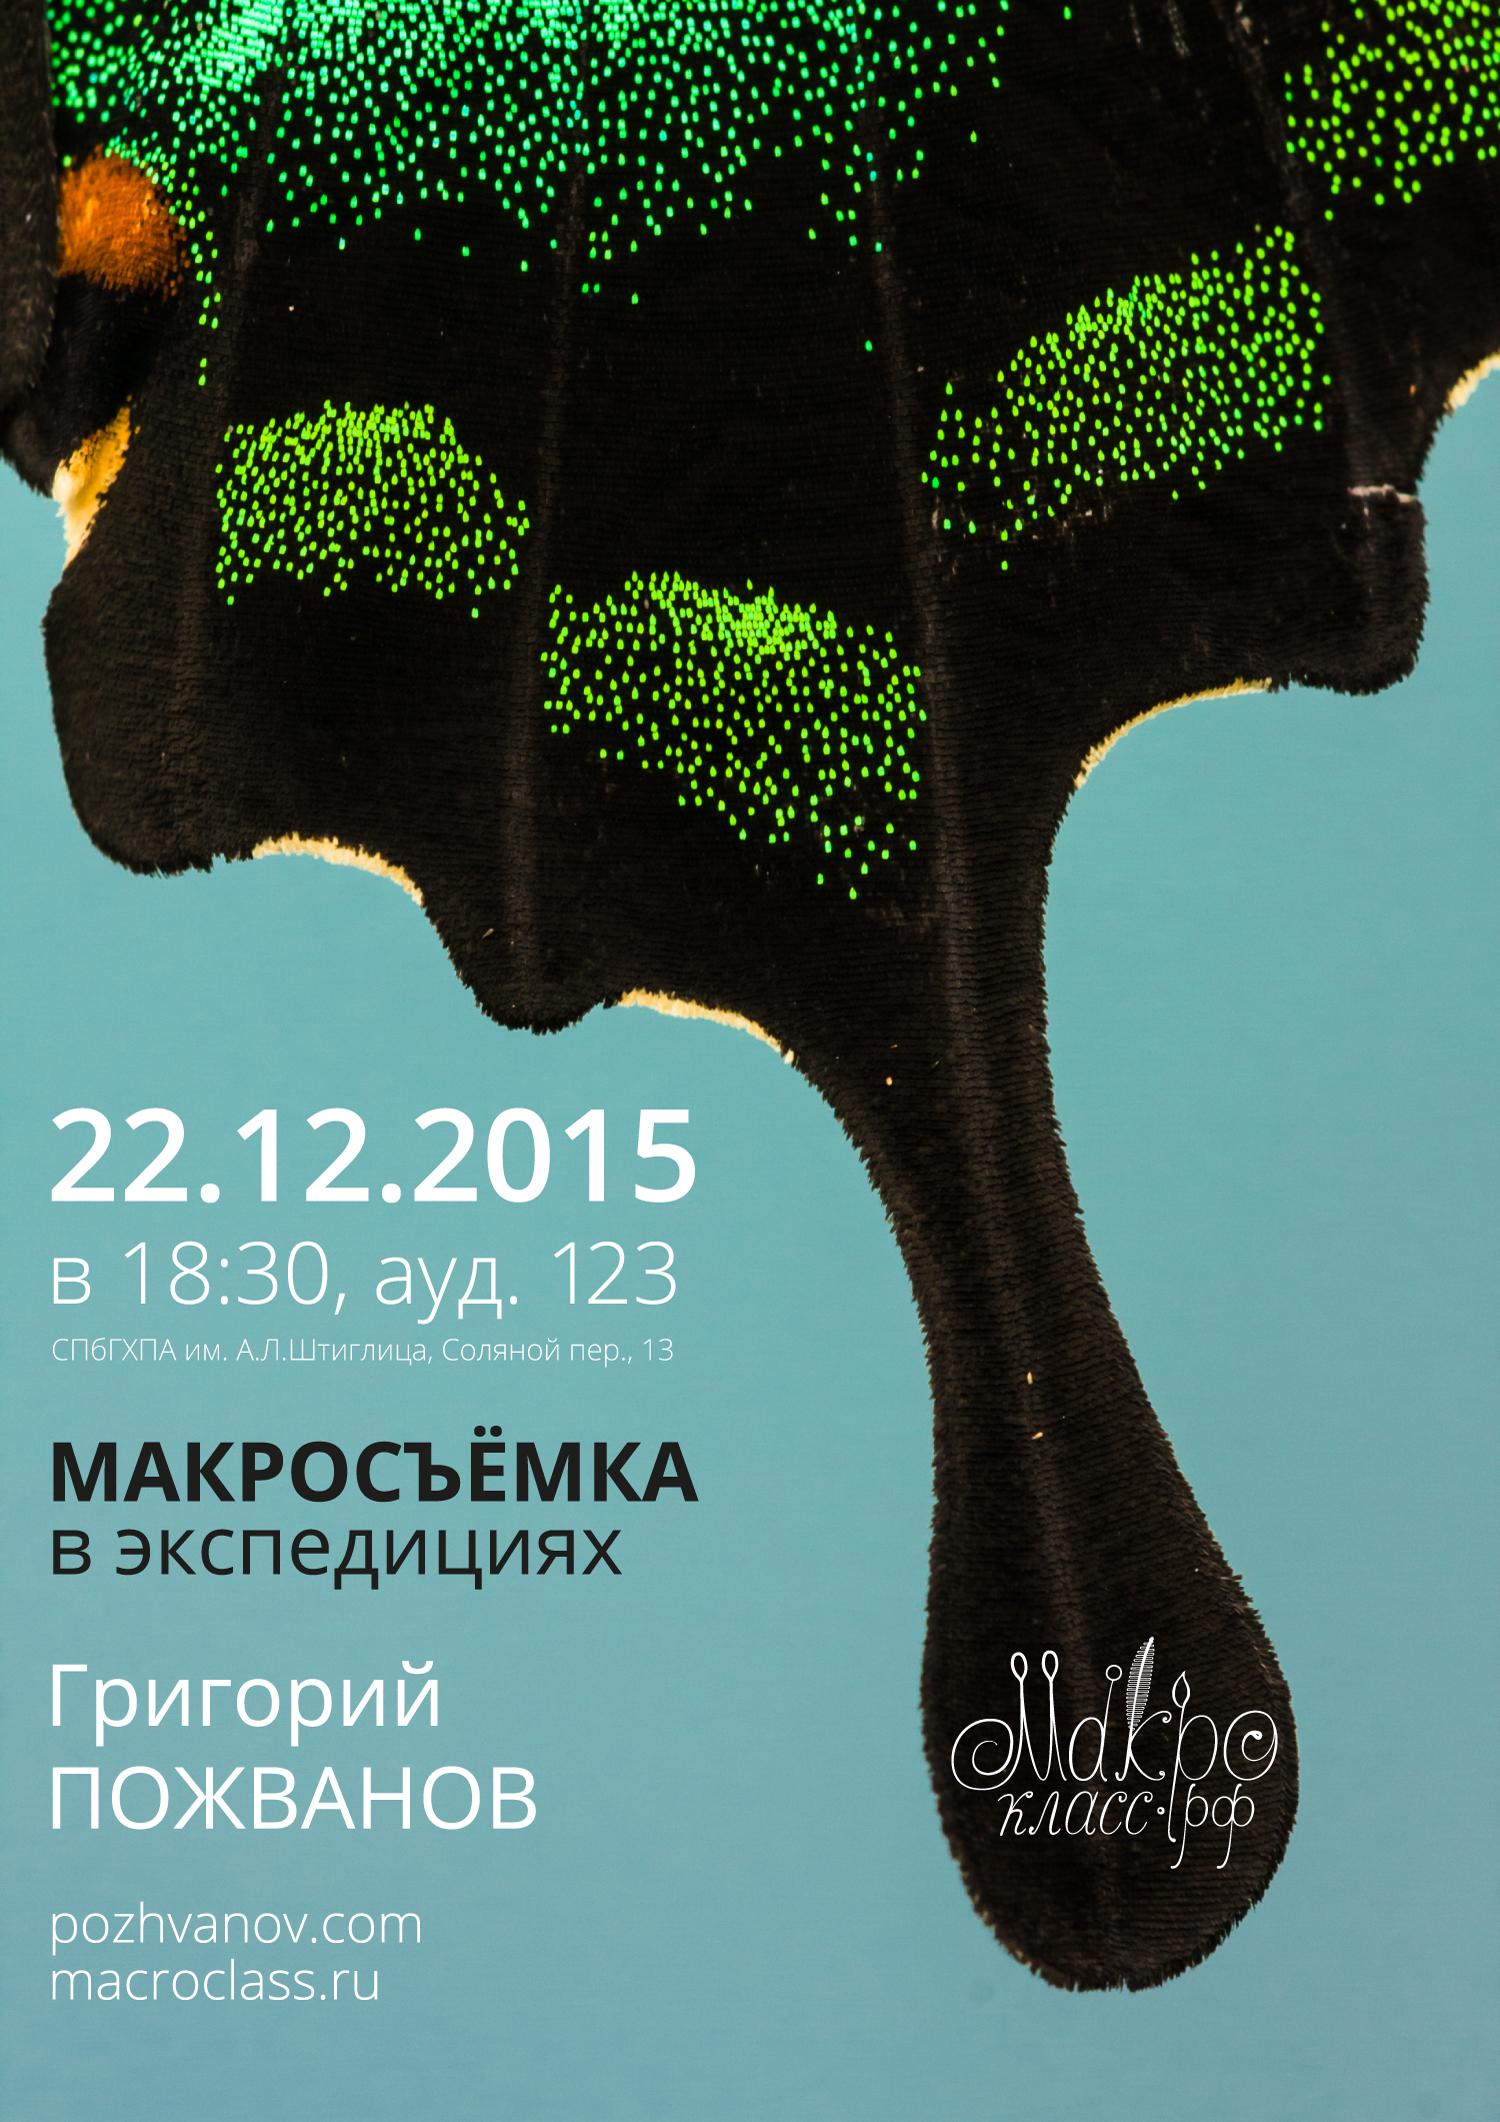 Выступление в художественно-промышленной академии им. А.Л.штиглица 22 декабря